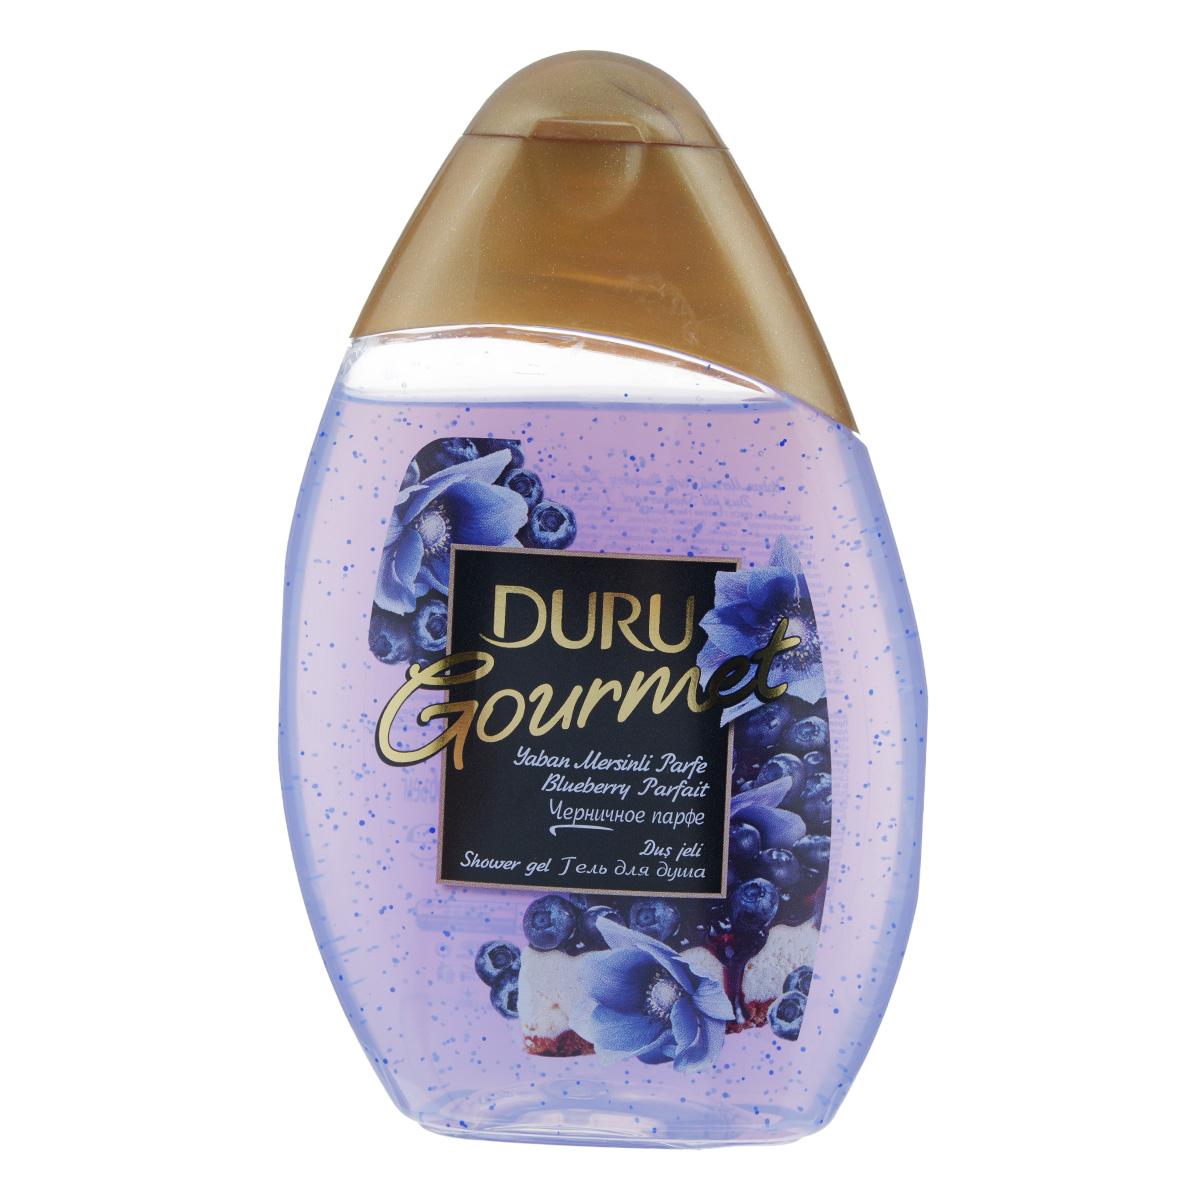 Duru GOURMET Гель для душа Черничное парфе 250мл800320453Роскошные ароматы для красоты и вдохновения. ?Дополнительное увлажнение и смягчение благодаря глицерину ?Яркий дизайн, привлекательные отдушки ?Высокое качество продукции ?Широкая линейка на любой вкус